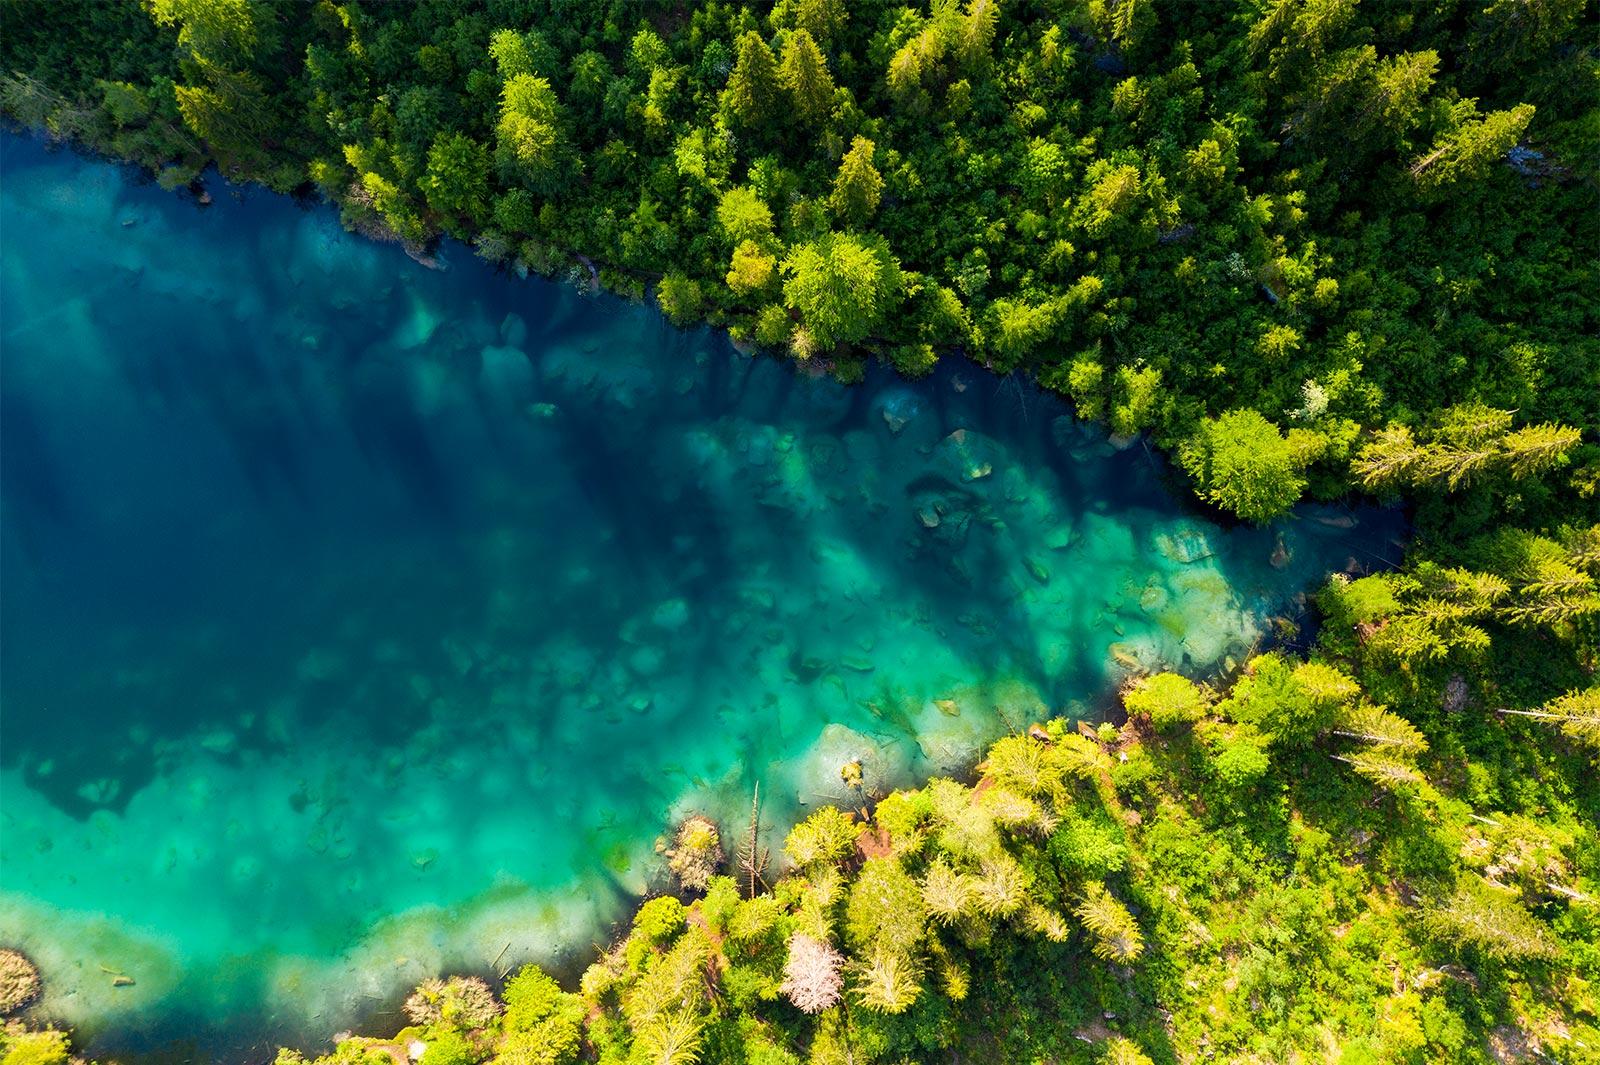 Na sliki je zgoraj zgoščen gost naravni gozd, sredi katerega teče reka. HD je opisan na tej sliki.